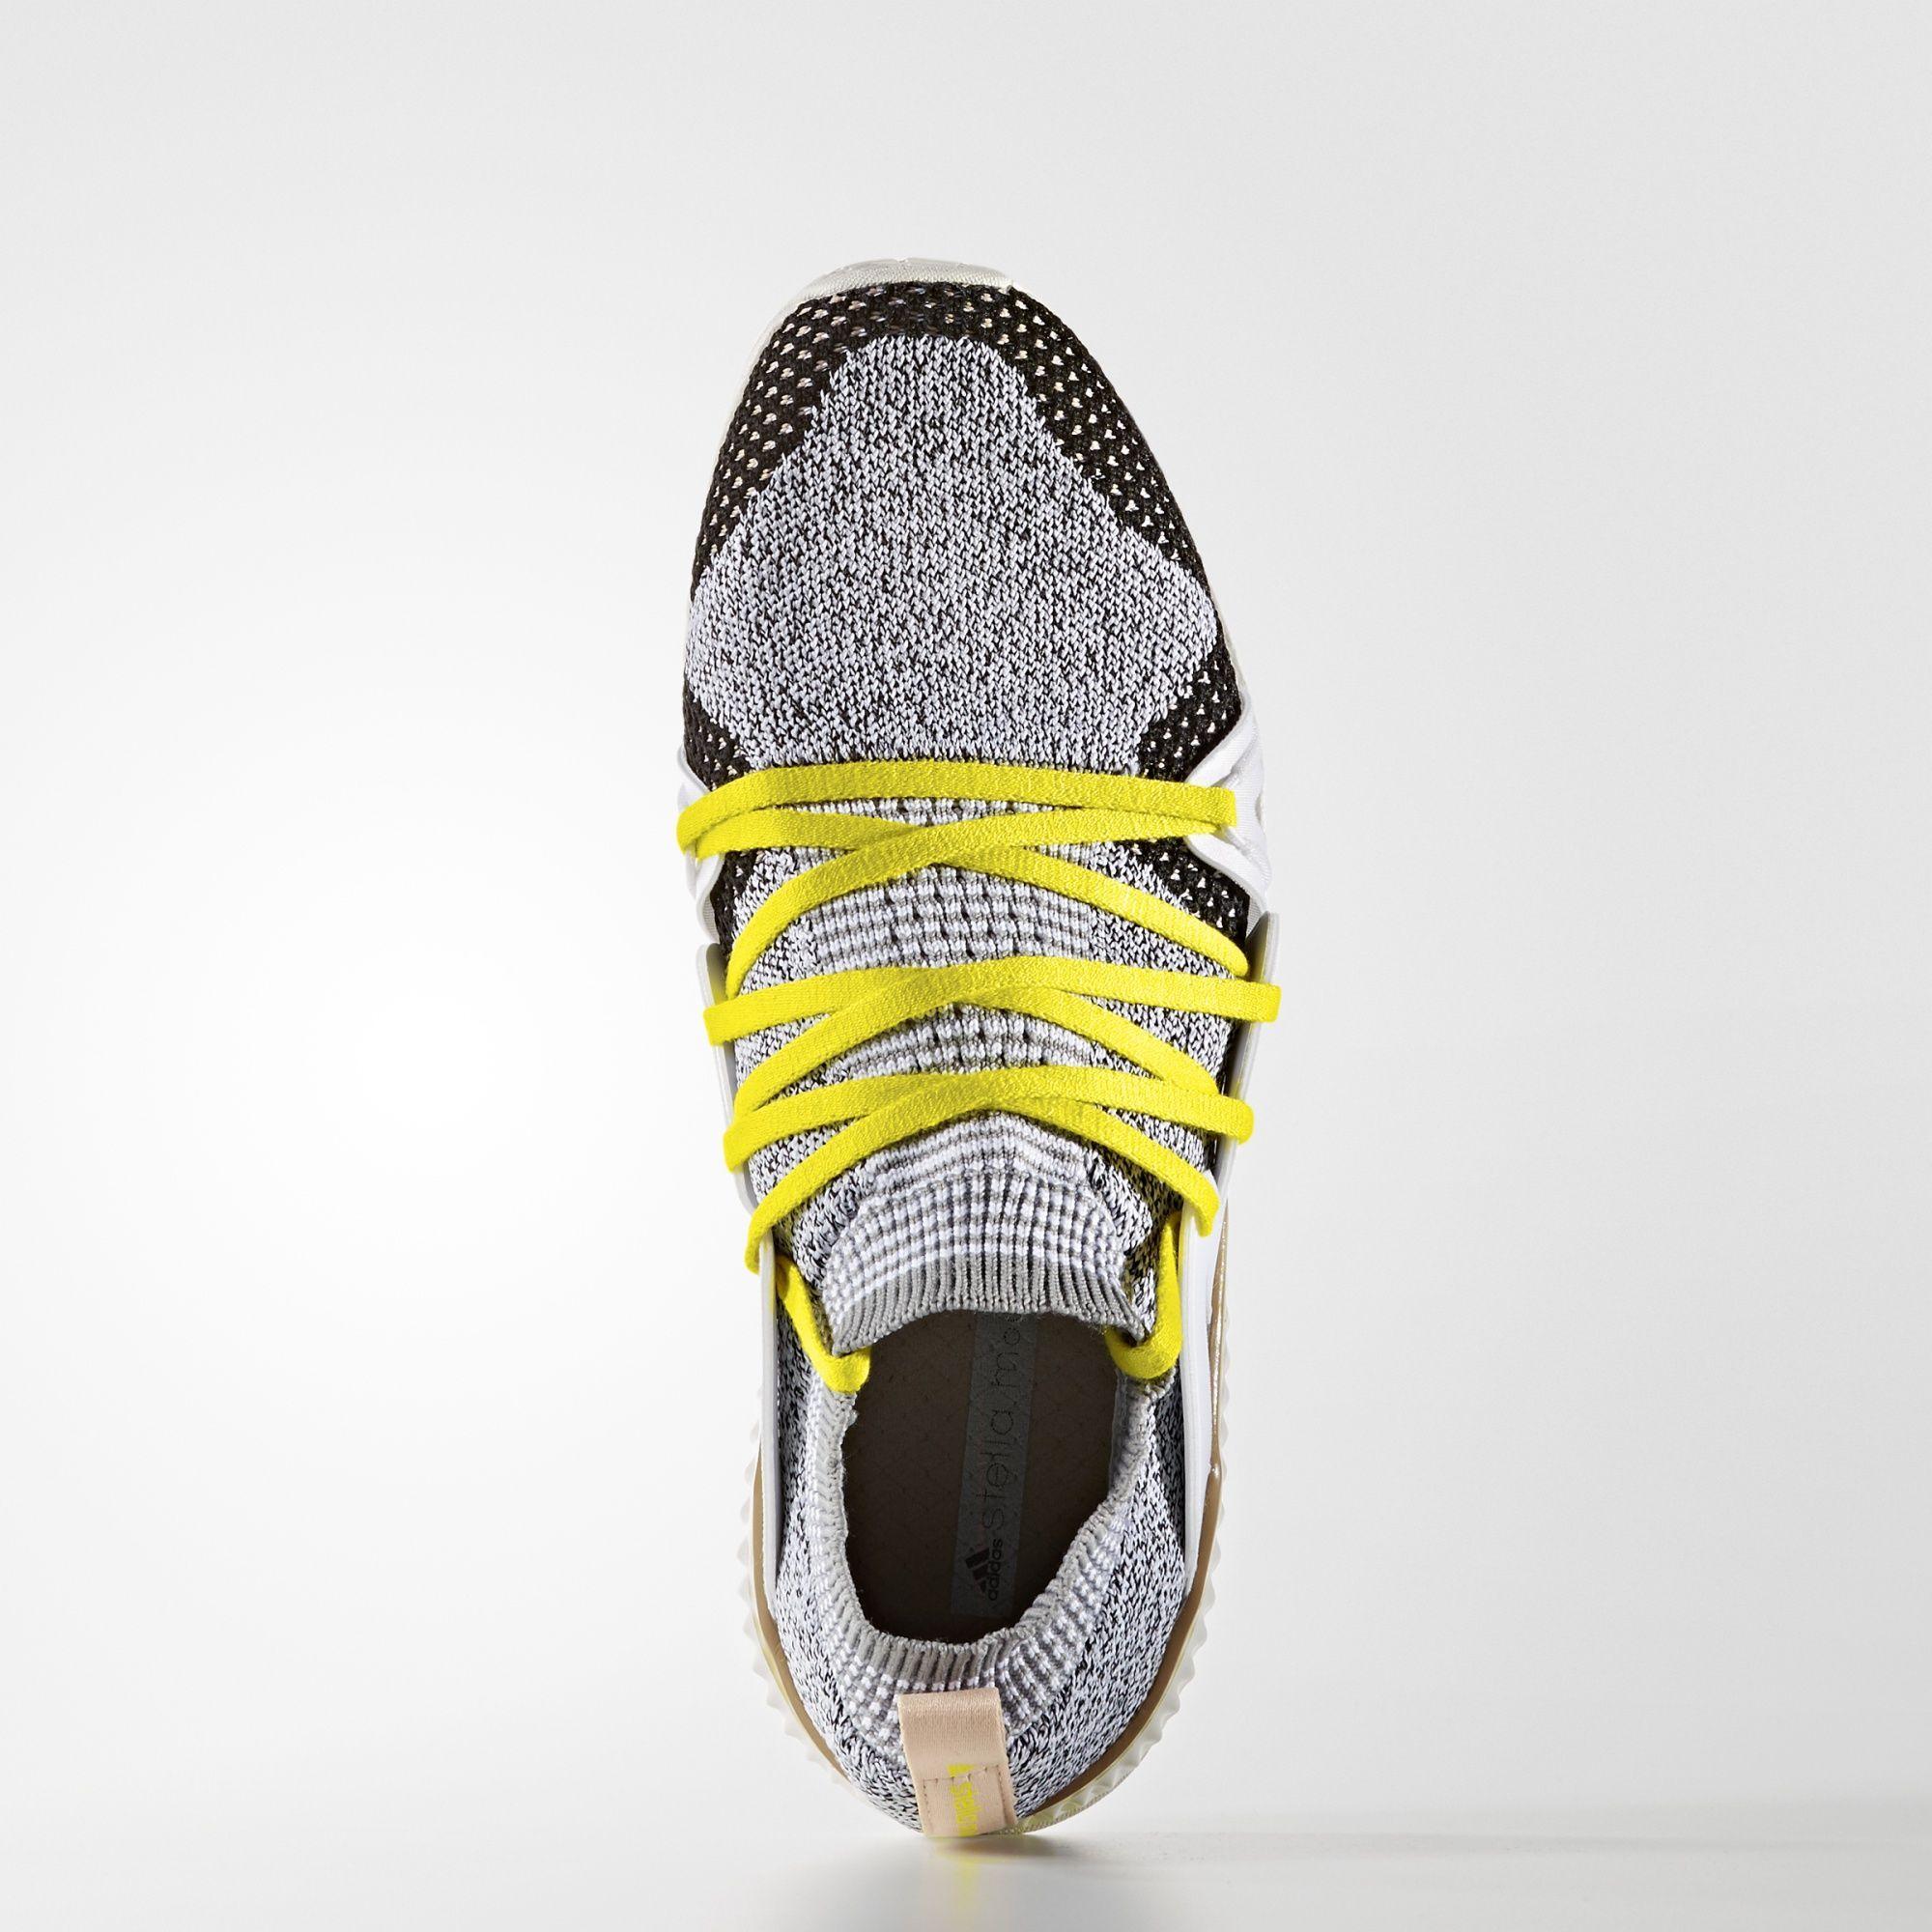 Adidas Zapatillas adidas bounce zapatos crazymove Pinterest